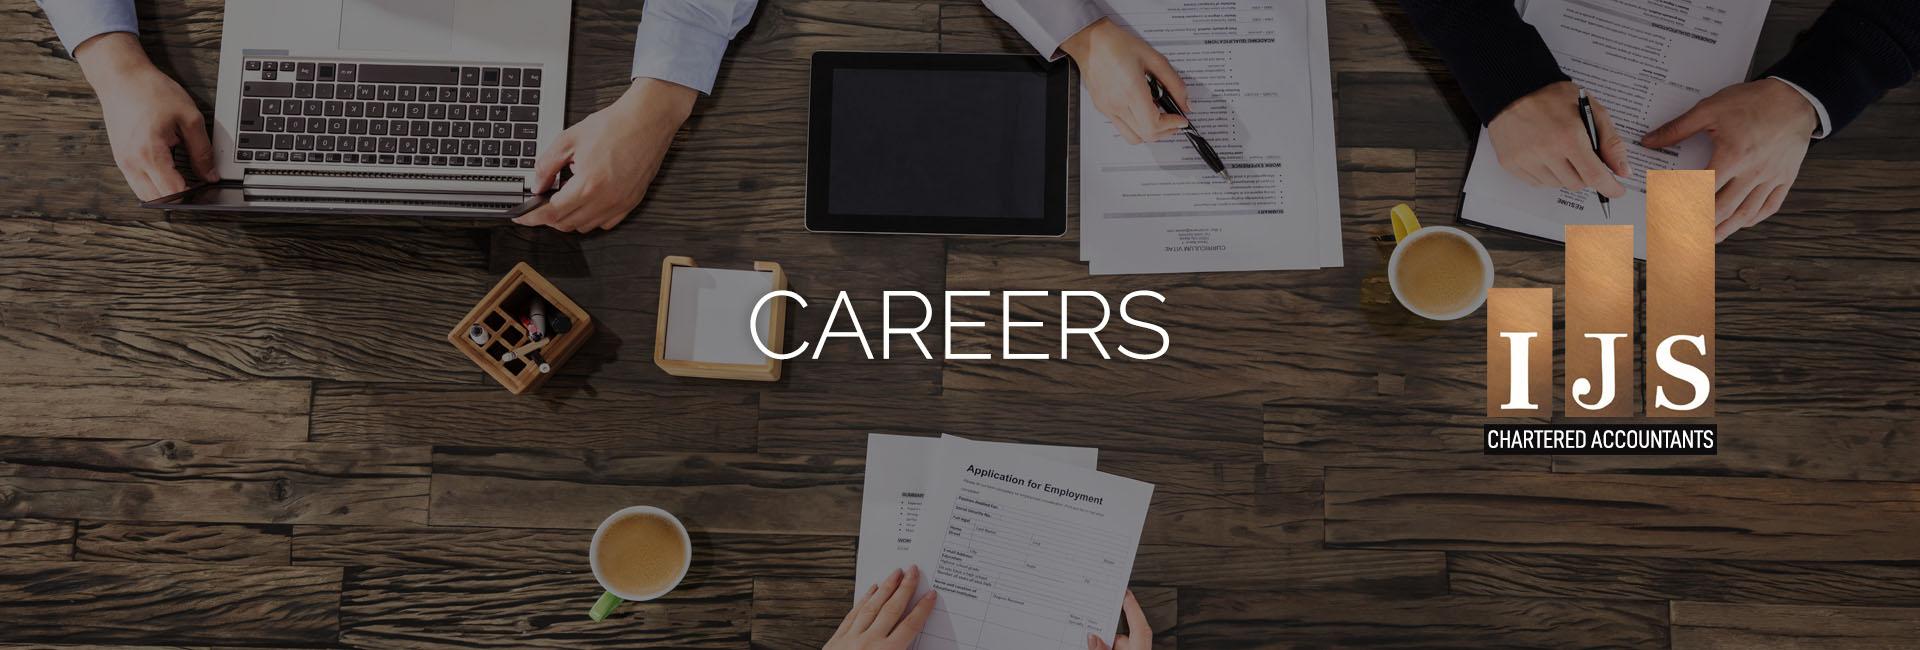 IJS Careers